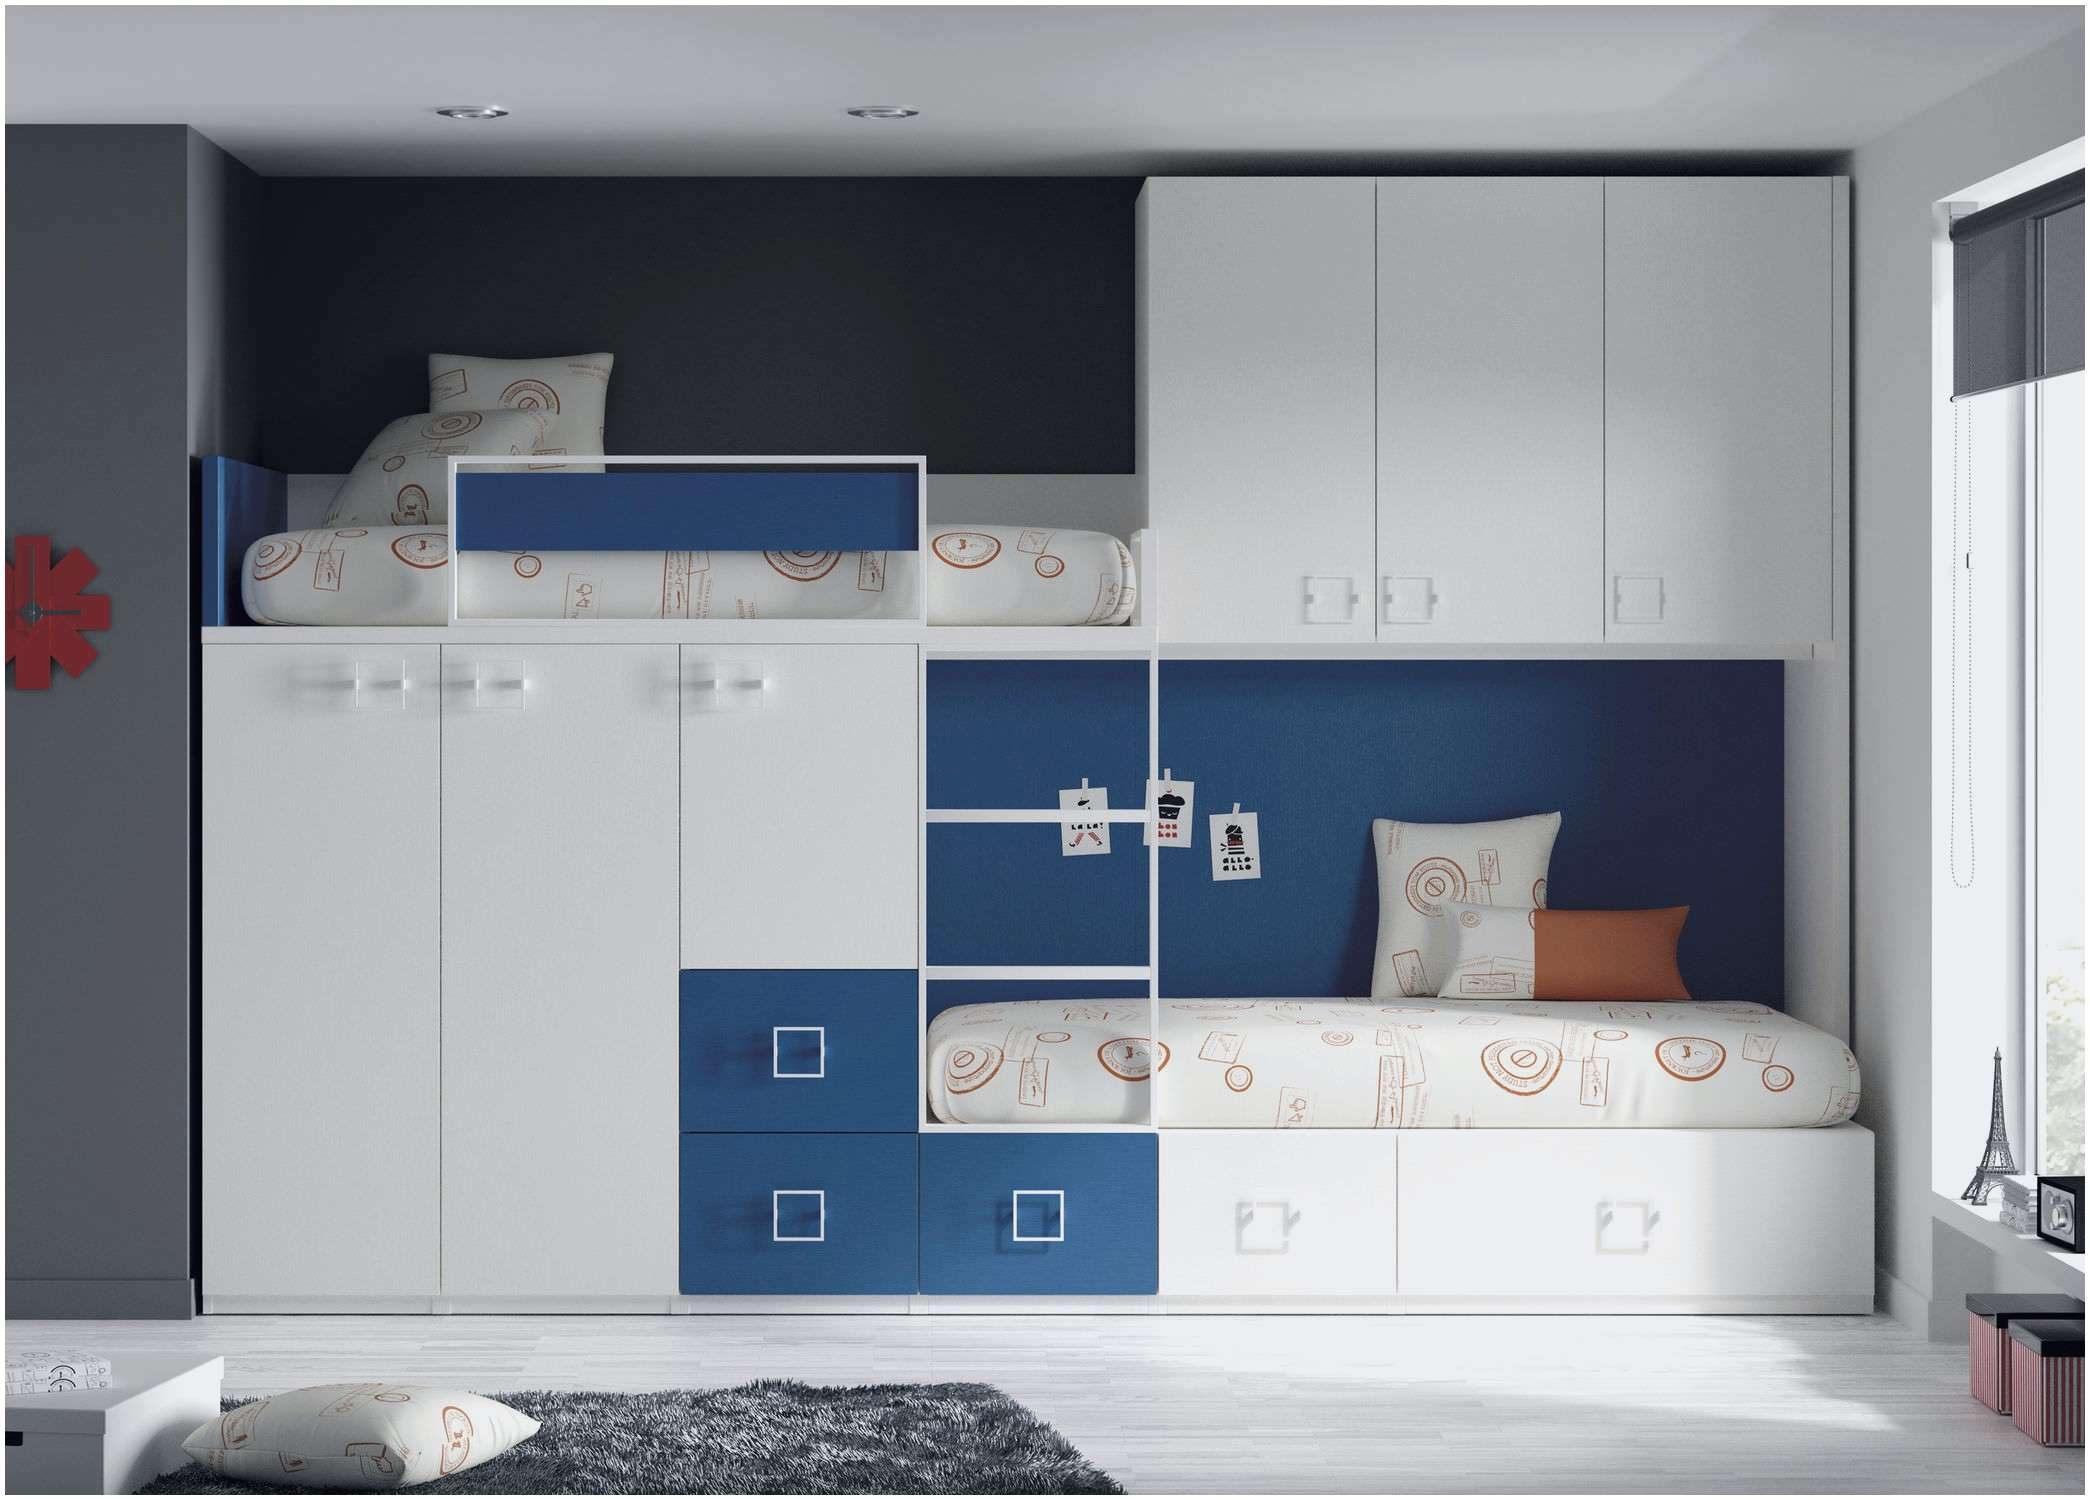 Fabriquer Lit Superposé Inspirant Frais Lit Mezzanine Ikea 2 Places Pour Alternative Lit Superposé